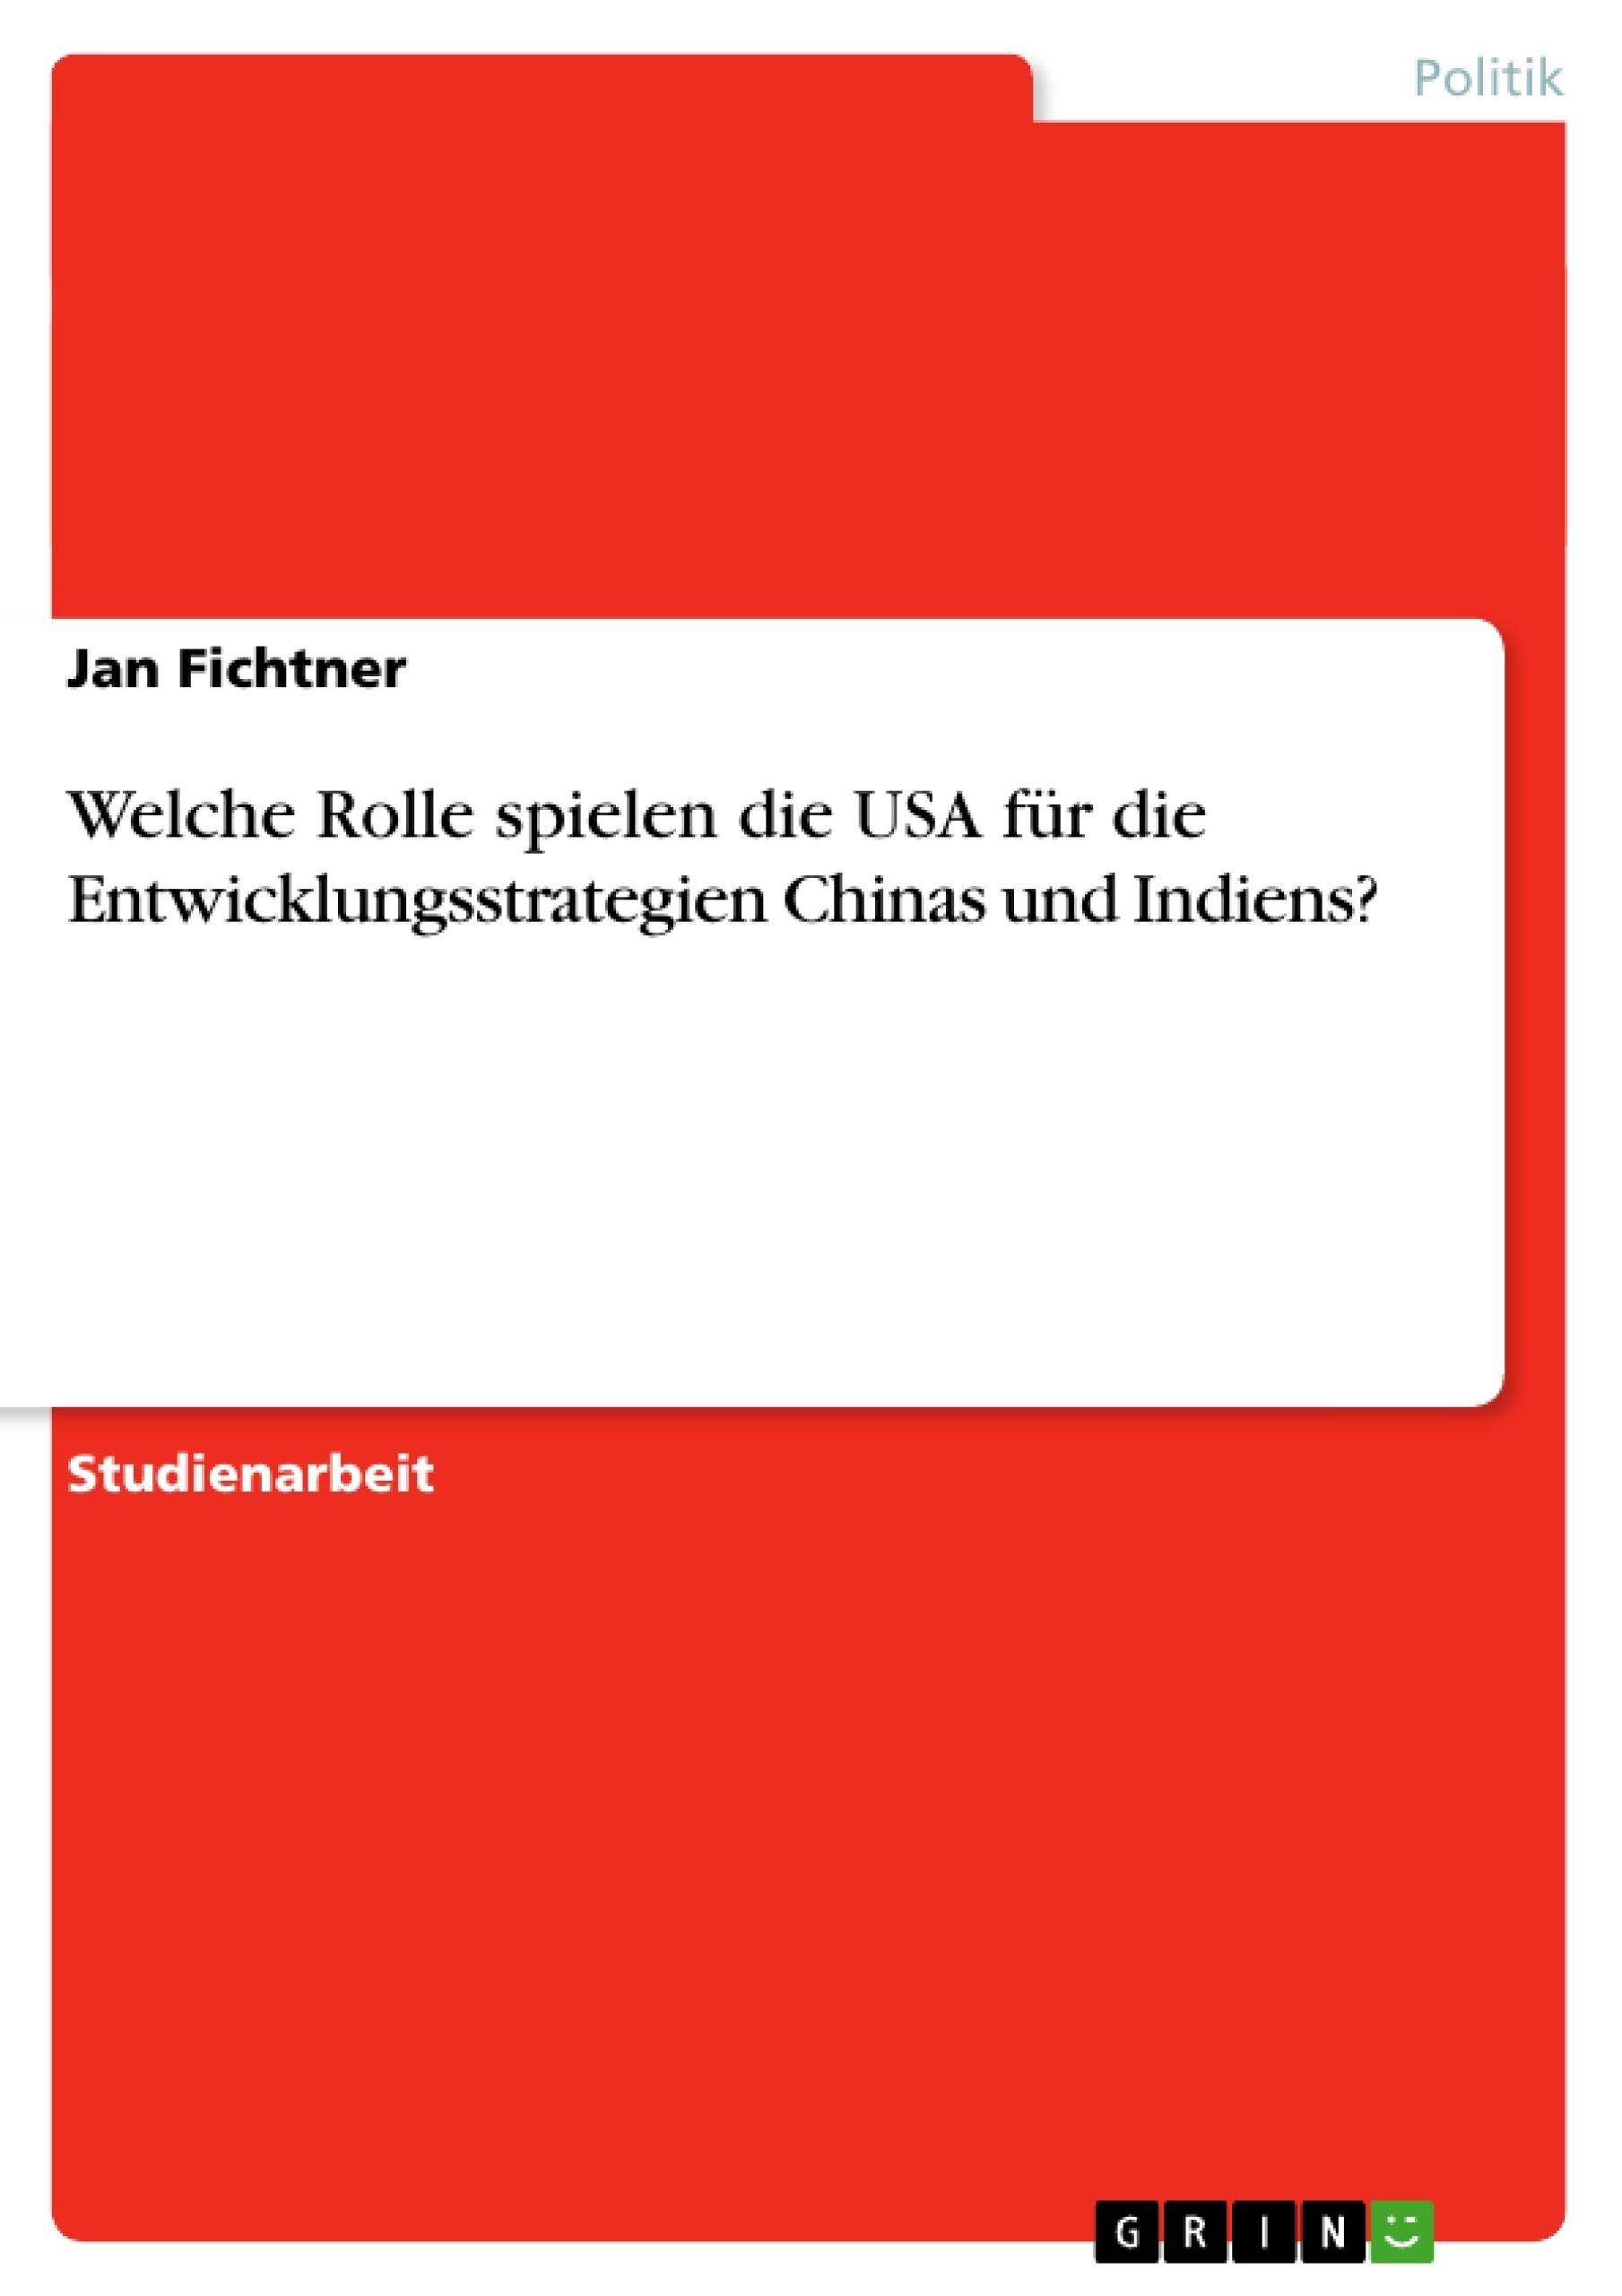 Titel: Welche Rolle spielen die USA für die Entwicklungsstrategien Chinas und Indiens?